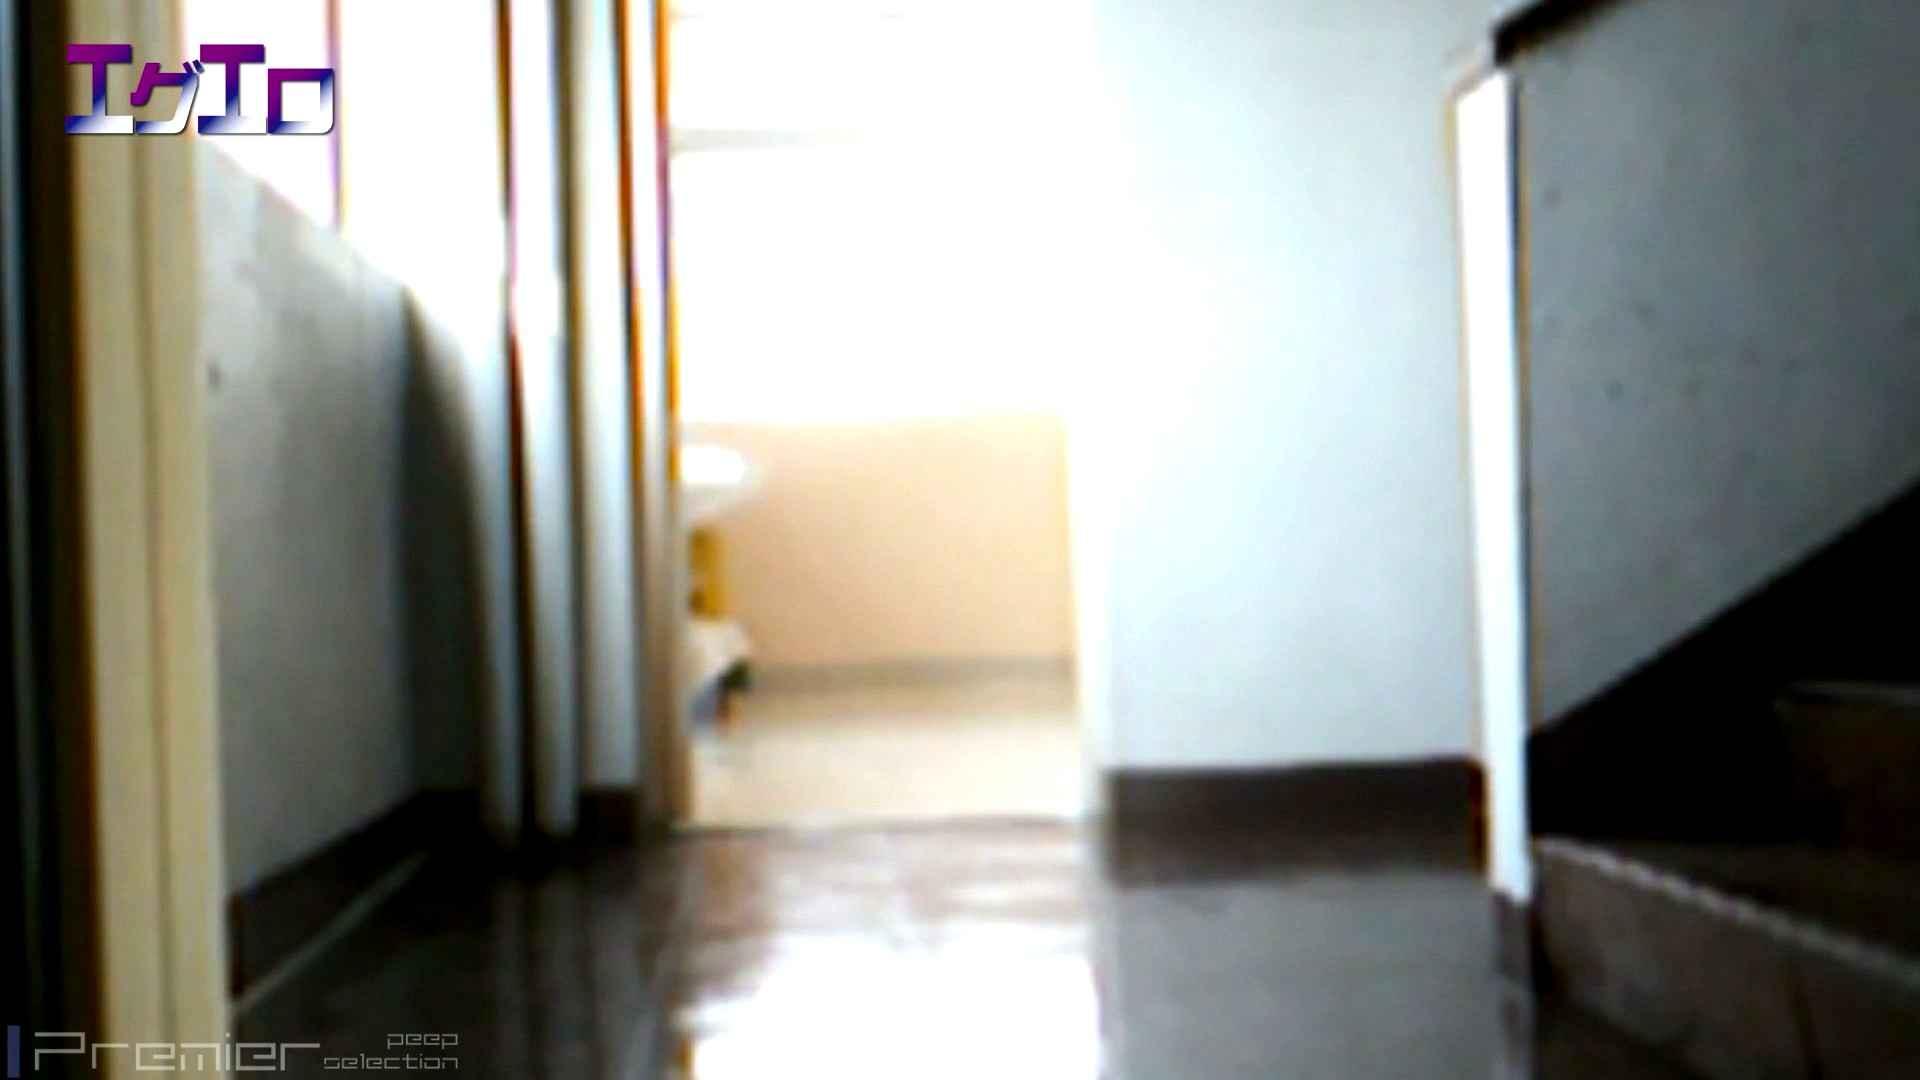 至近距離洗面所 Vol.10ブルージーンズギャルの大放nyo OL | ギャル・コレクション  61連発 60